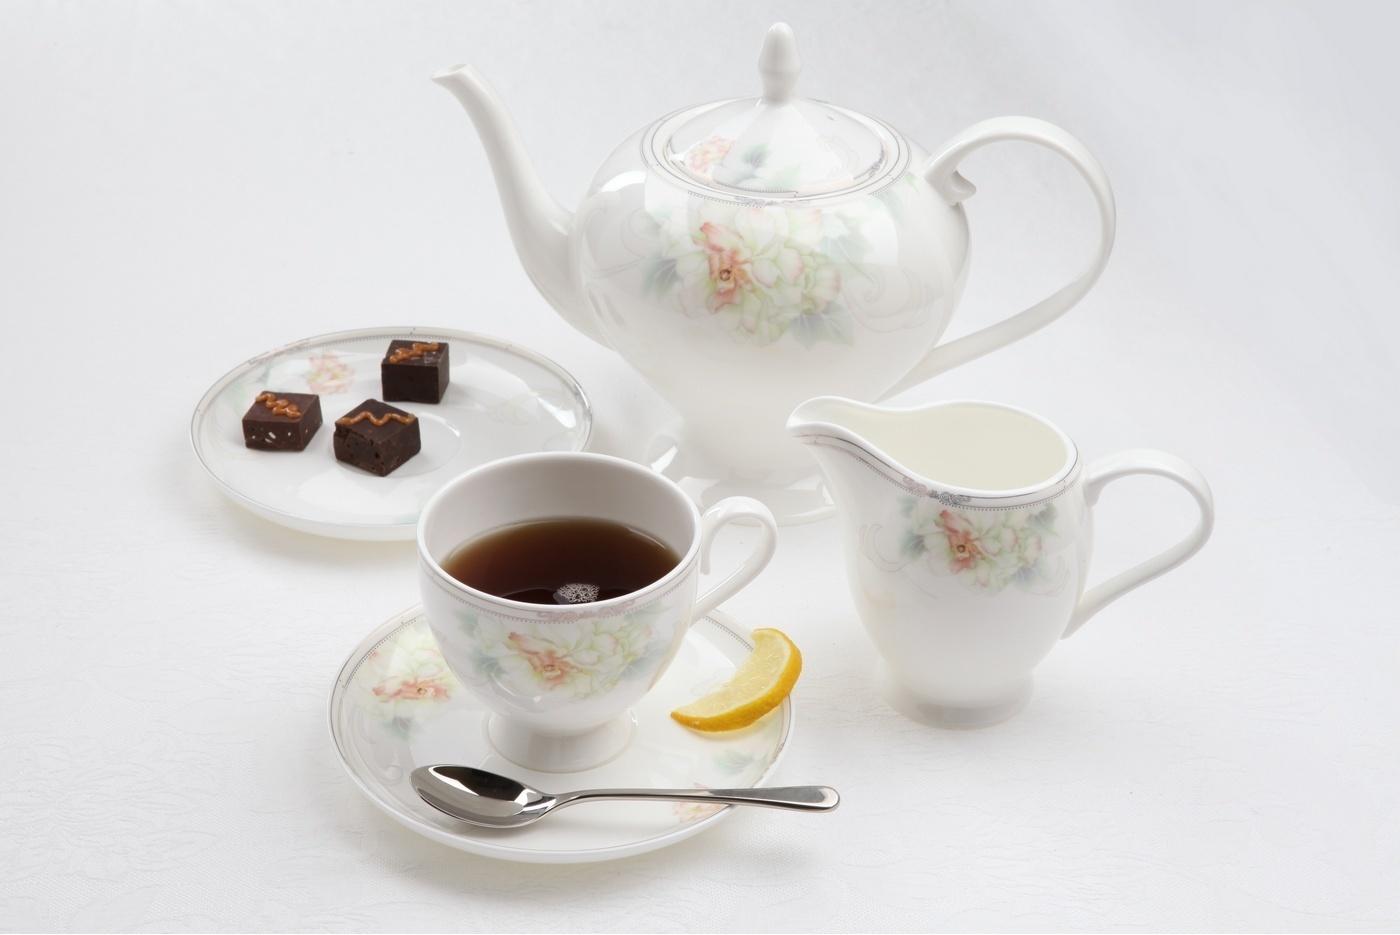 Чайный сервиз Royal Aurel Акварель арт.129, 15 предметовЧайные сервизы<br>Чайный сервиз Royal Aurel Акварель арт.129, 15 предметов<br><br><br><br><br><br><br><br><br><br><br>Чашка 270 мл,6 шт.<br>Блюдце 15 см,6 шт.<br>Чайник 1100 мл<br>Сахарница 370 мл<br><br><br><br><br><br><br><br><br>Молочник 300 мл<br><br><br><br><br><br><br><br><br>Производить посуду из фарфора начали в Китае на стыке 6-7 веков. Неустанно совершенствуя и селективно отбирая сырье для производства посуды из фарфора, мастерам удалось добиться выдающихся характеристик фарфора: белизны и тонкостенности. В XV веке появился особый интерес к китайской фарфоровой посуде, так как в это время Европе возникла мода на самобытные китайские вещи. Роскошный китайский фарфор являлся изыском и был в новинку, поэтому он выступал в качестве подарка королям, а также знатным людям. Такой дорогой подарок был очень престижен и по праву являлся элитной посудой. Как известно из многочисленных исторических документов, в Европе китайские изделия из фарфора ценились практически как золото. <br>Проверка изделий из костяного фарфора на подлинность <br>По сравнению с производством других видов фарфора процесс производства изделий из настоящего костяного фарфора сложен и весьма длителен. Посуда из изящного фарфора - это элитная посуда, которая всегда ассоциируется с богатством, величием и благородством. Несмотря на небольшую толщину, фарфоровая посуда - это очень прочное изделие. Для демонстрации плотности и прочности фарфора можно легко коснуться предметов посуды из фарфора деревянной палочкой, и тогда мы услушим характерный металлический звон. В составе фарфоровой посуды присутствует костяная зола, благодаря чему она может быть намного тоньше (не более 2,5 мм) и легче твердого или мягкого фарфора. Безупречная белизна - ключевой признак отличия такого фарфора от других. Цвет обычного фарфора сероватый или ближе к голубоватому, а костяной фарфор будет всегда будет молочно-белого цвета. Характерная и немаловажная деталь - это н